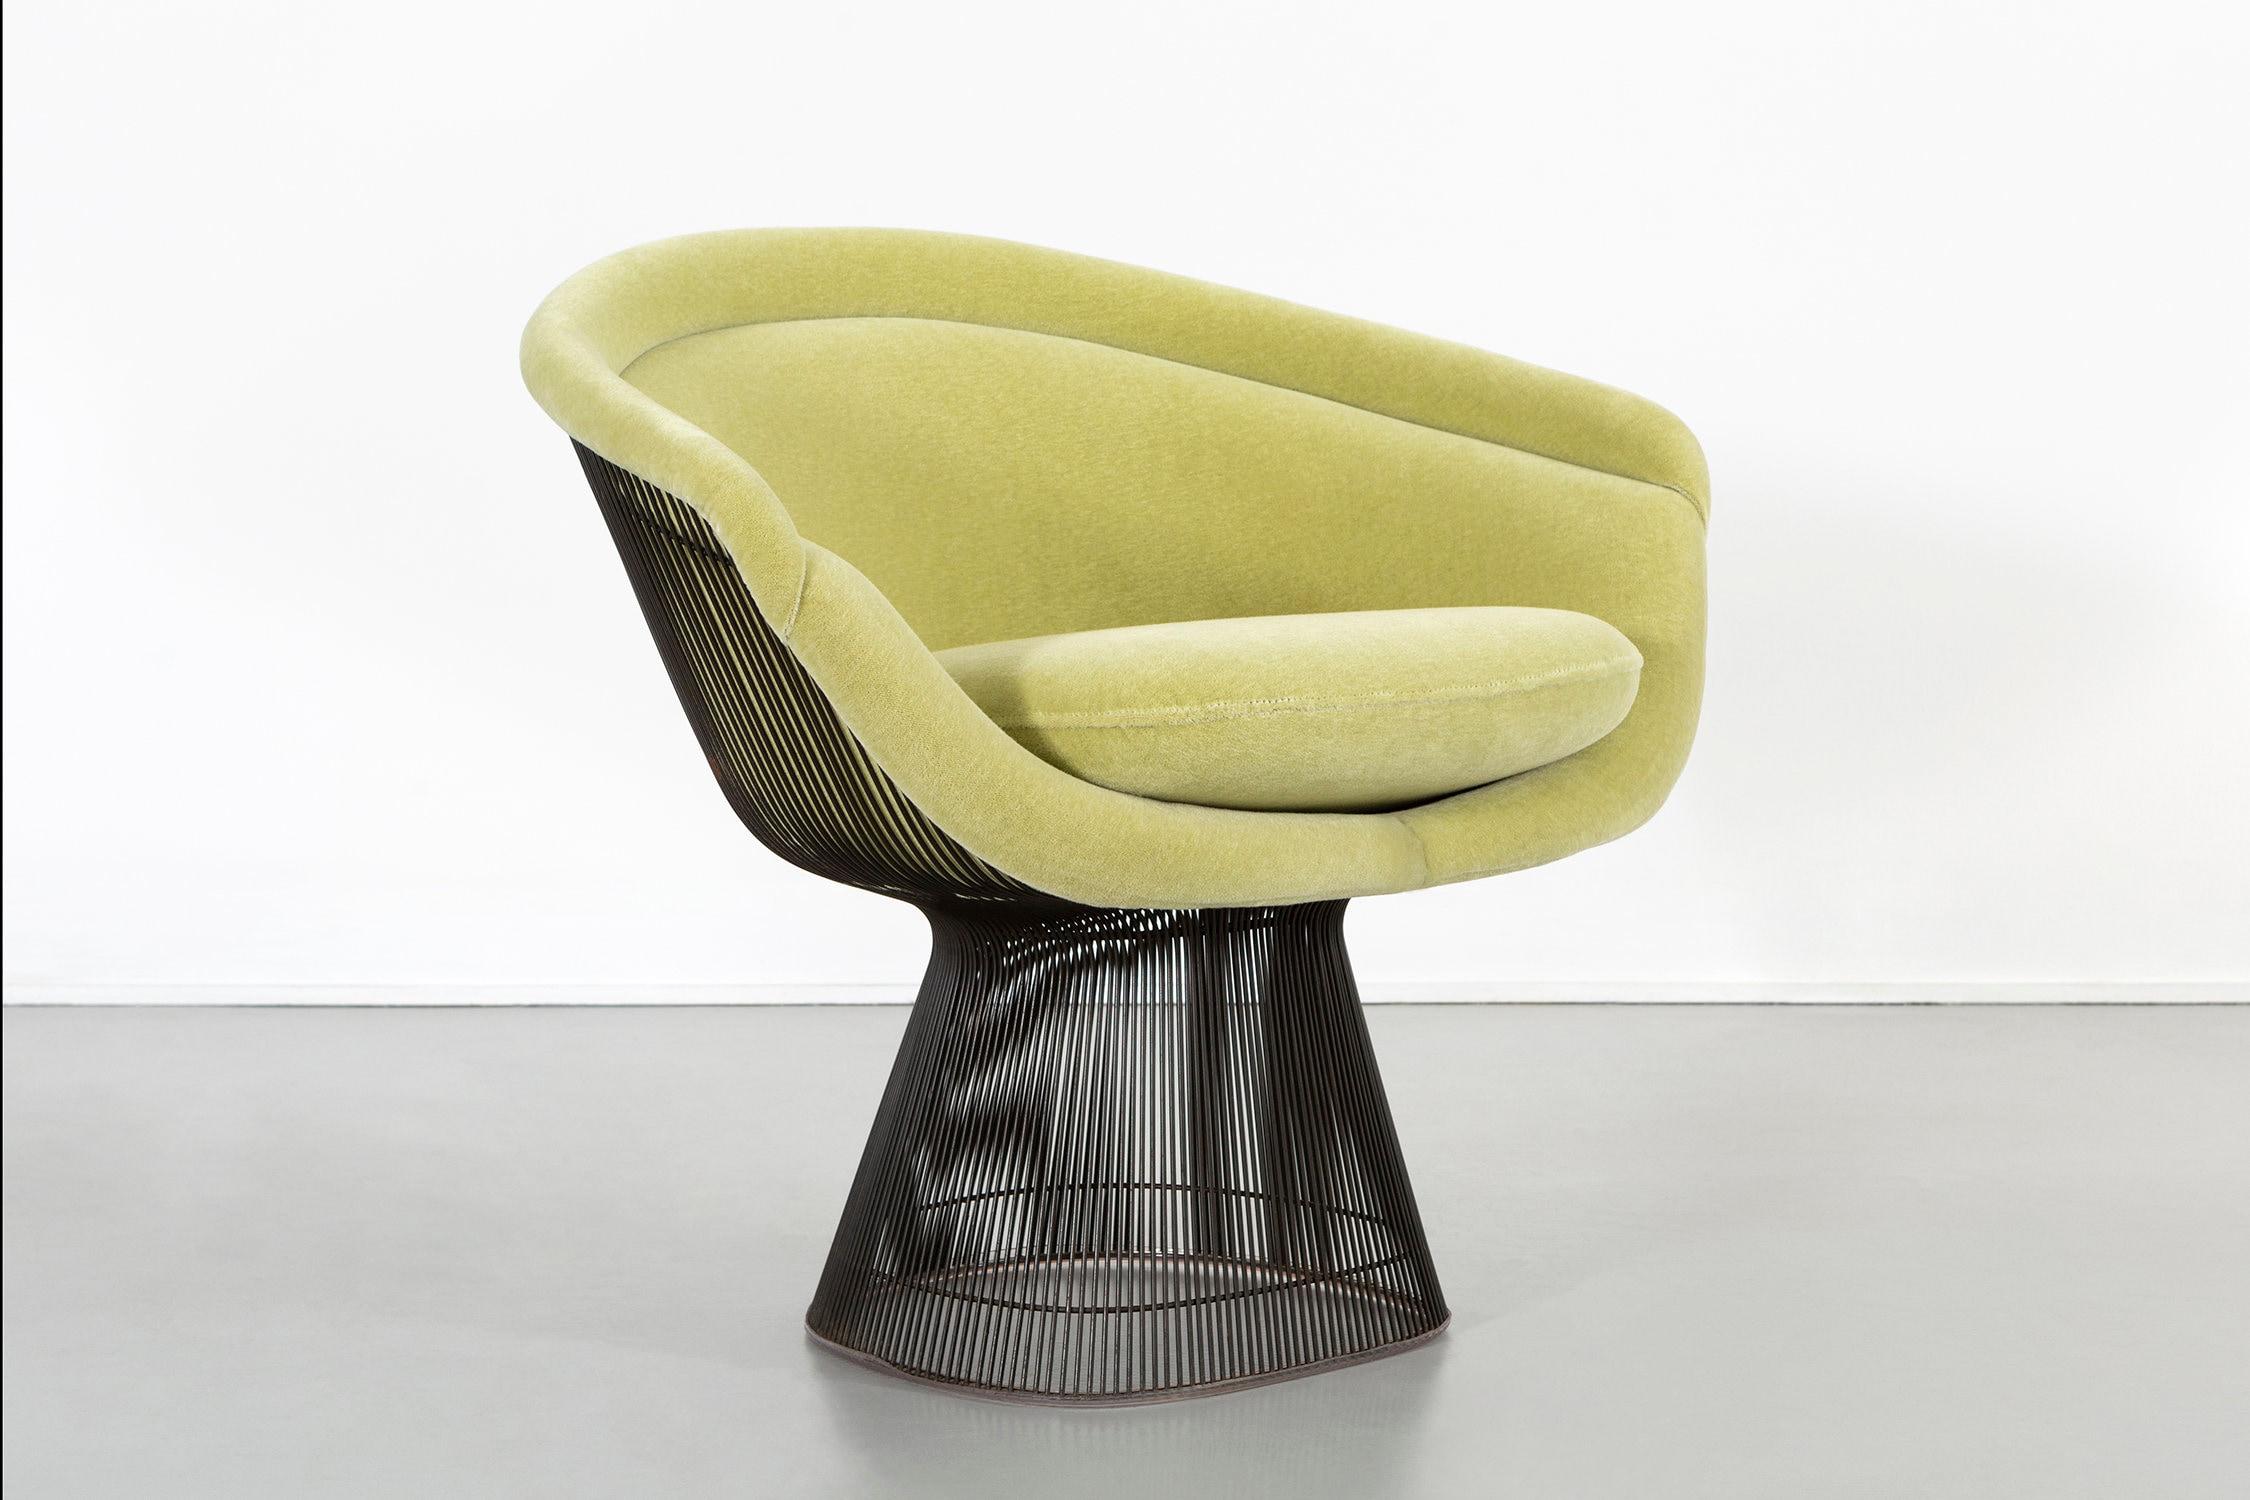 Ensemble de chaises Platner Bronze moderne du milieu du siècle pour Knoll